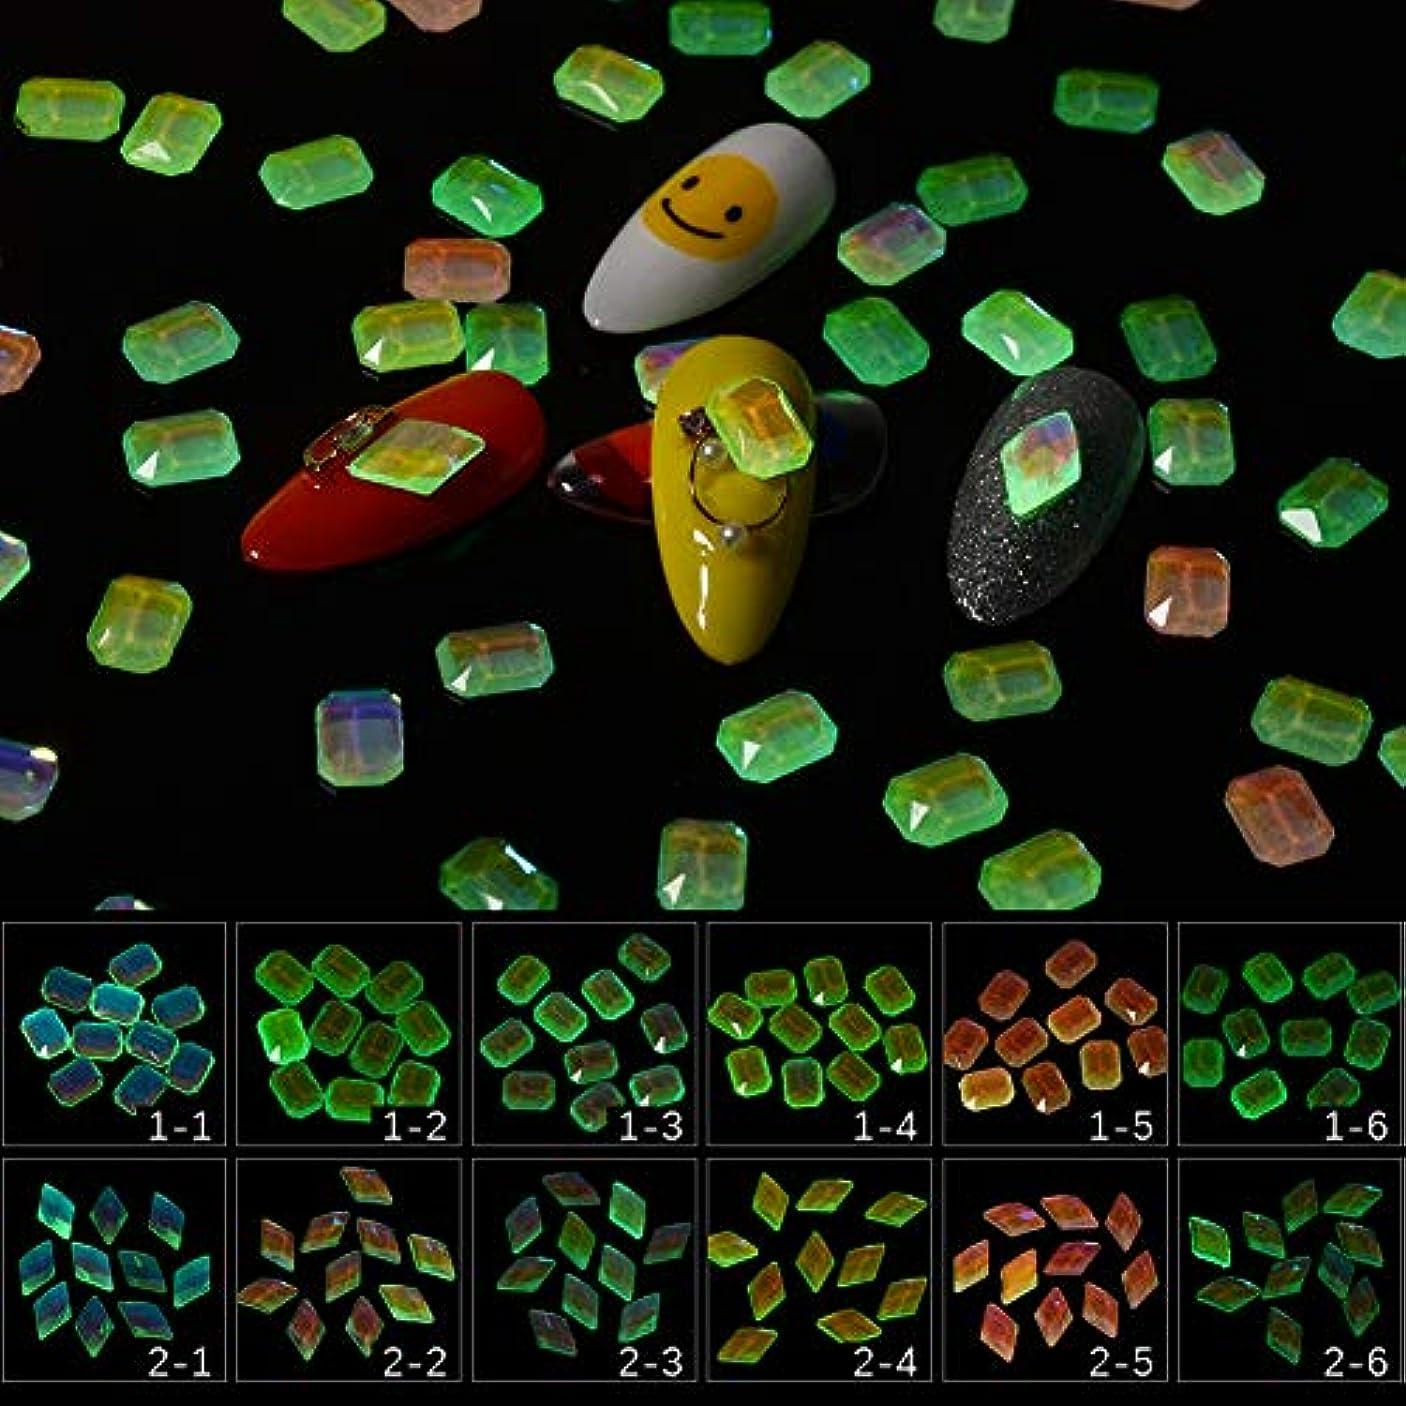 許さない最近断線メーリンドス 3Dアート夜光ネイルストーン オーロラフィードバッククリスタル 蓄光して暗闇で光るネイルストーン 矩形&菱形選択可能 6色60個セット (02)